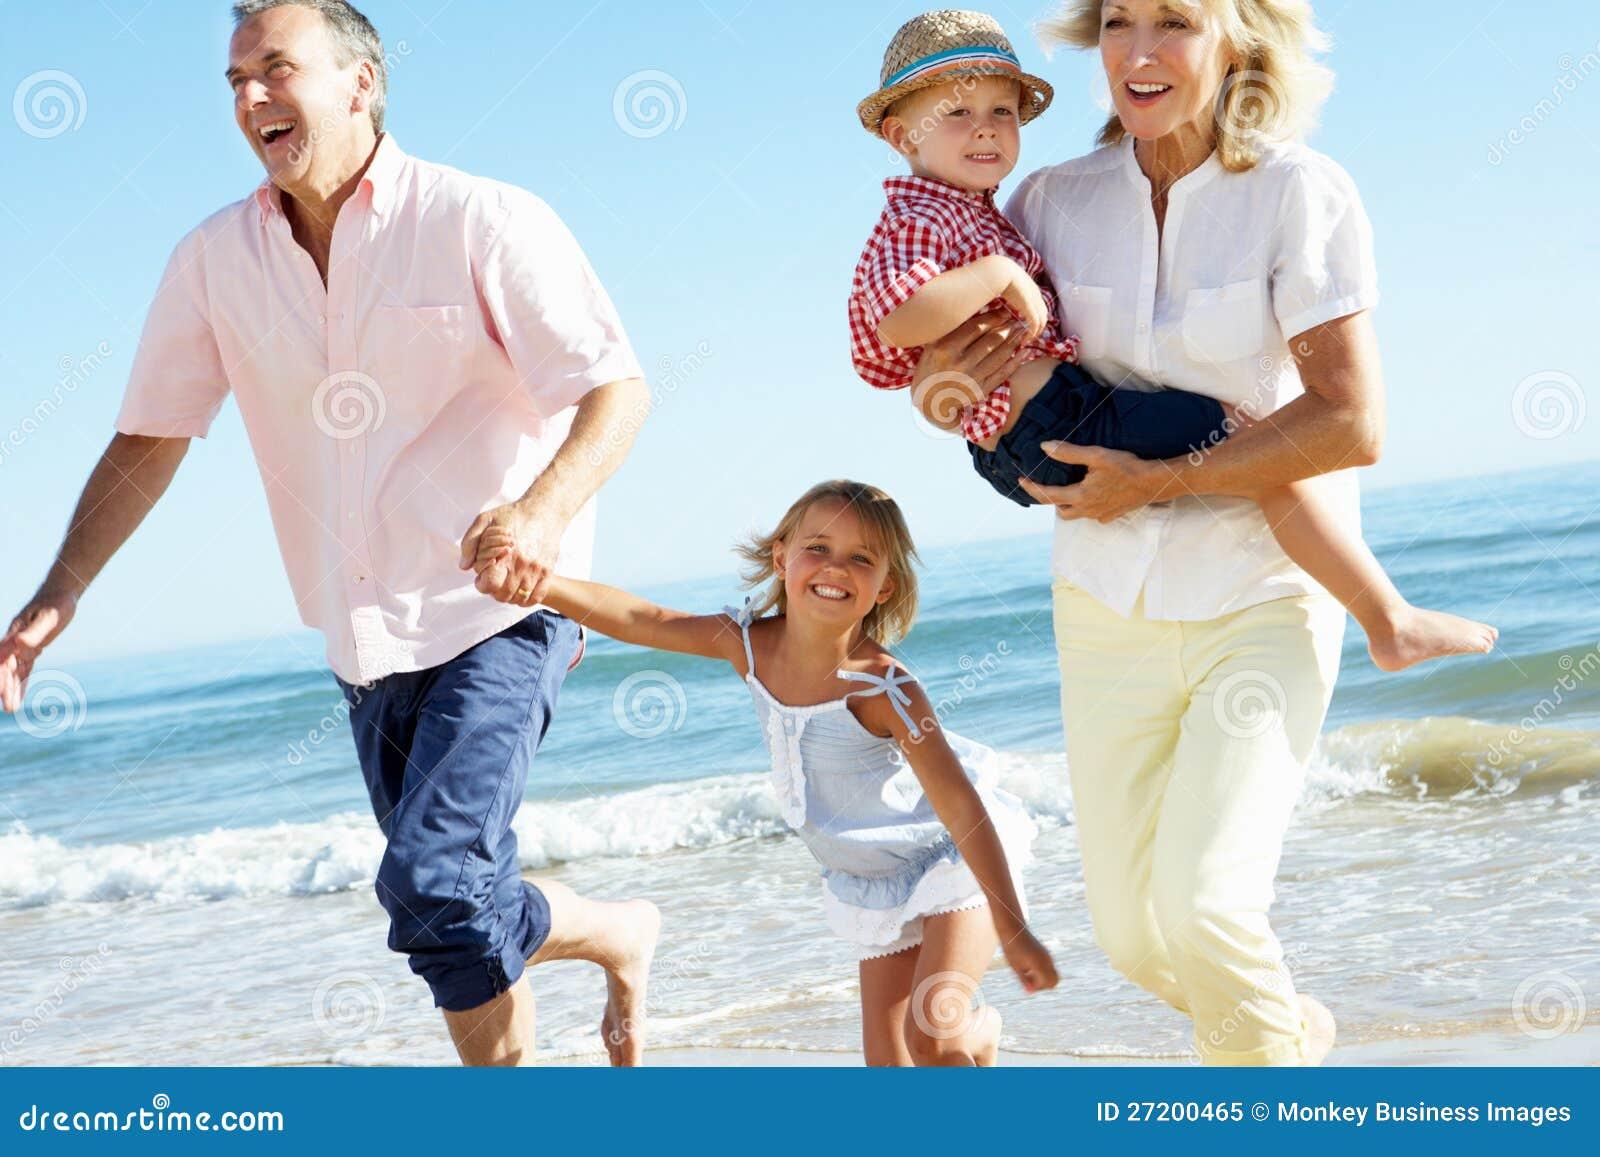 Παππούδες και γιαγιάδες και εγγόνια στην παραλία